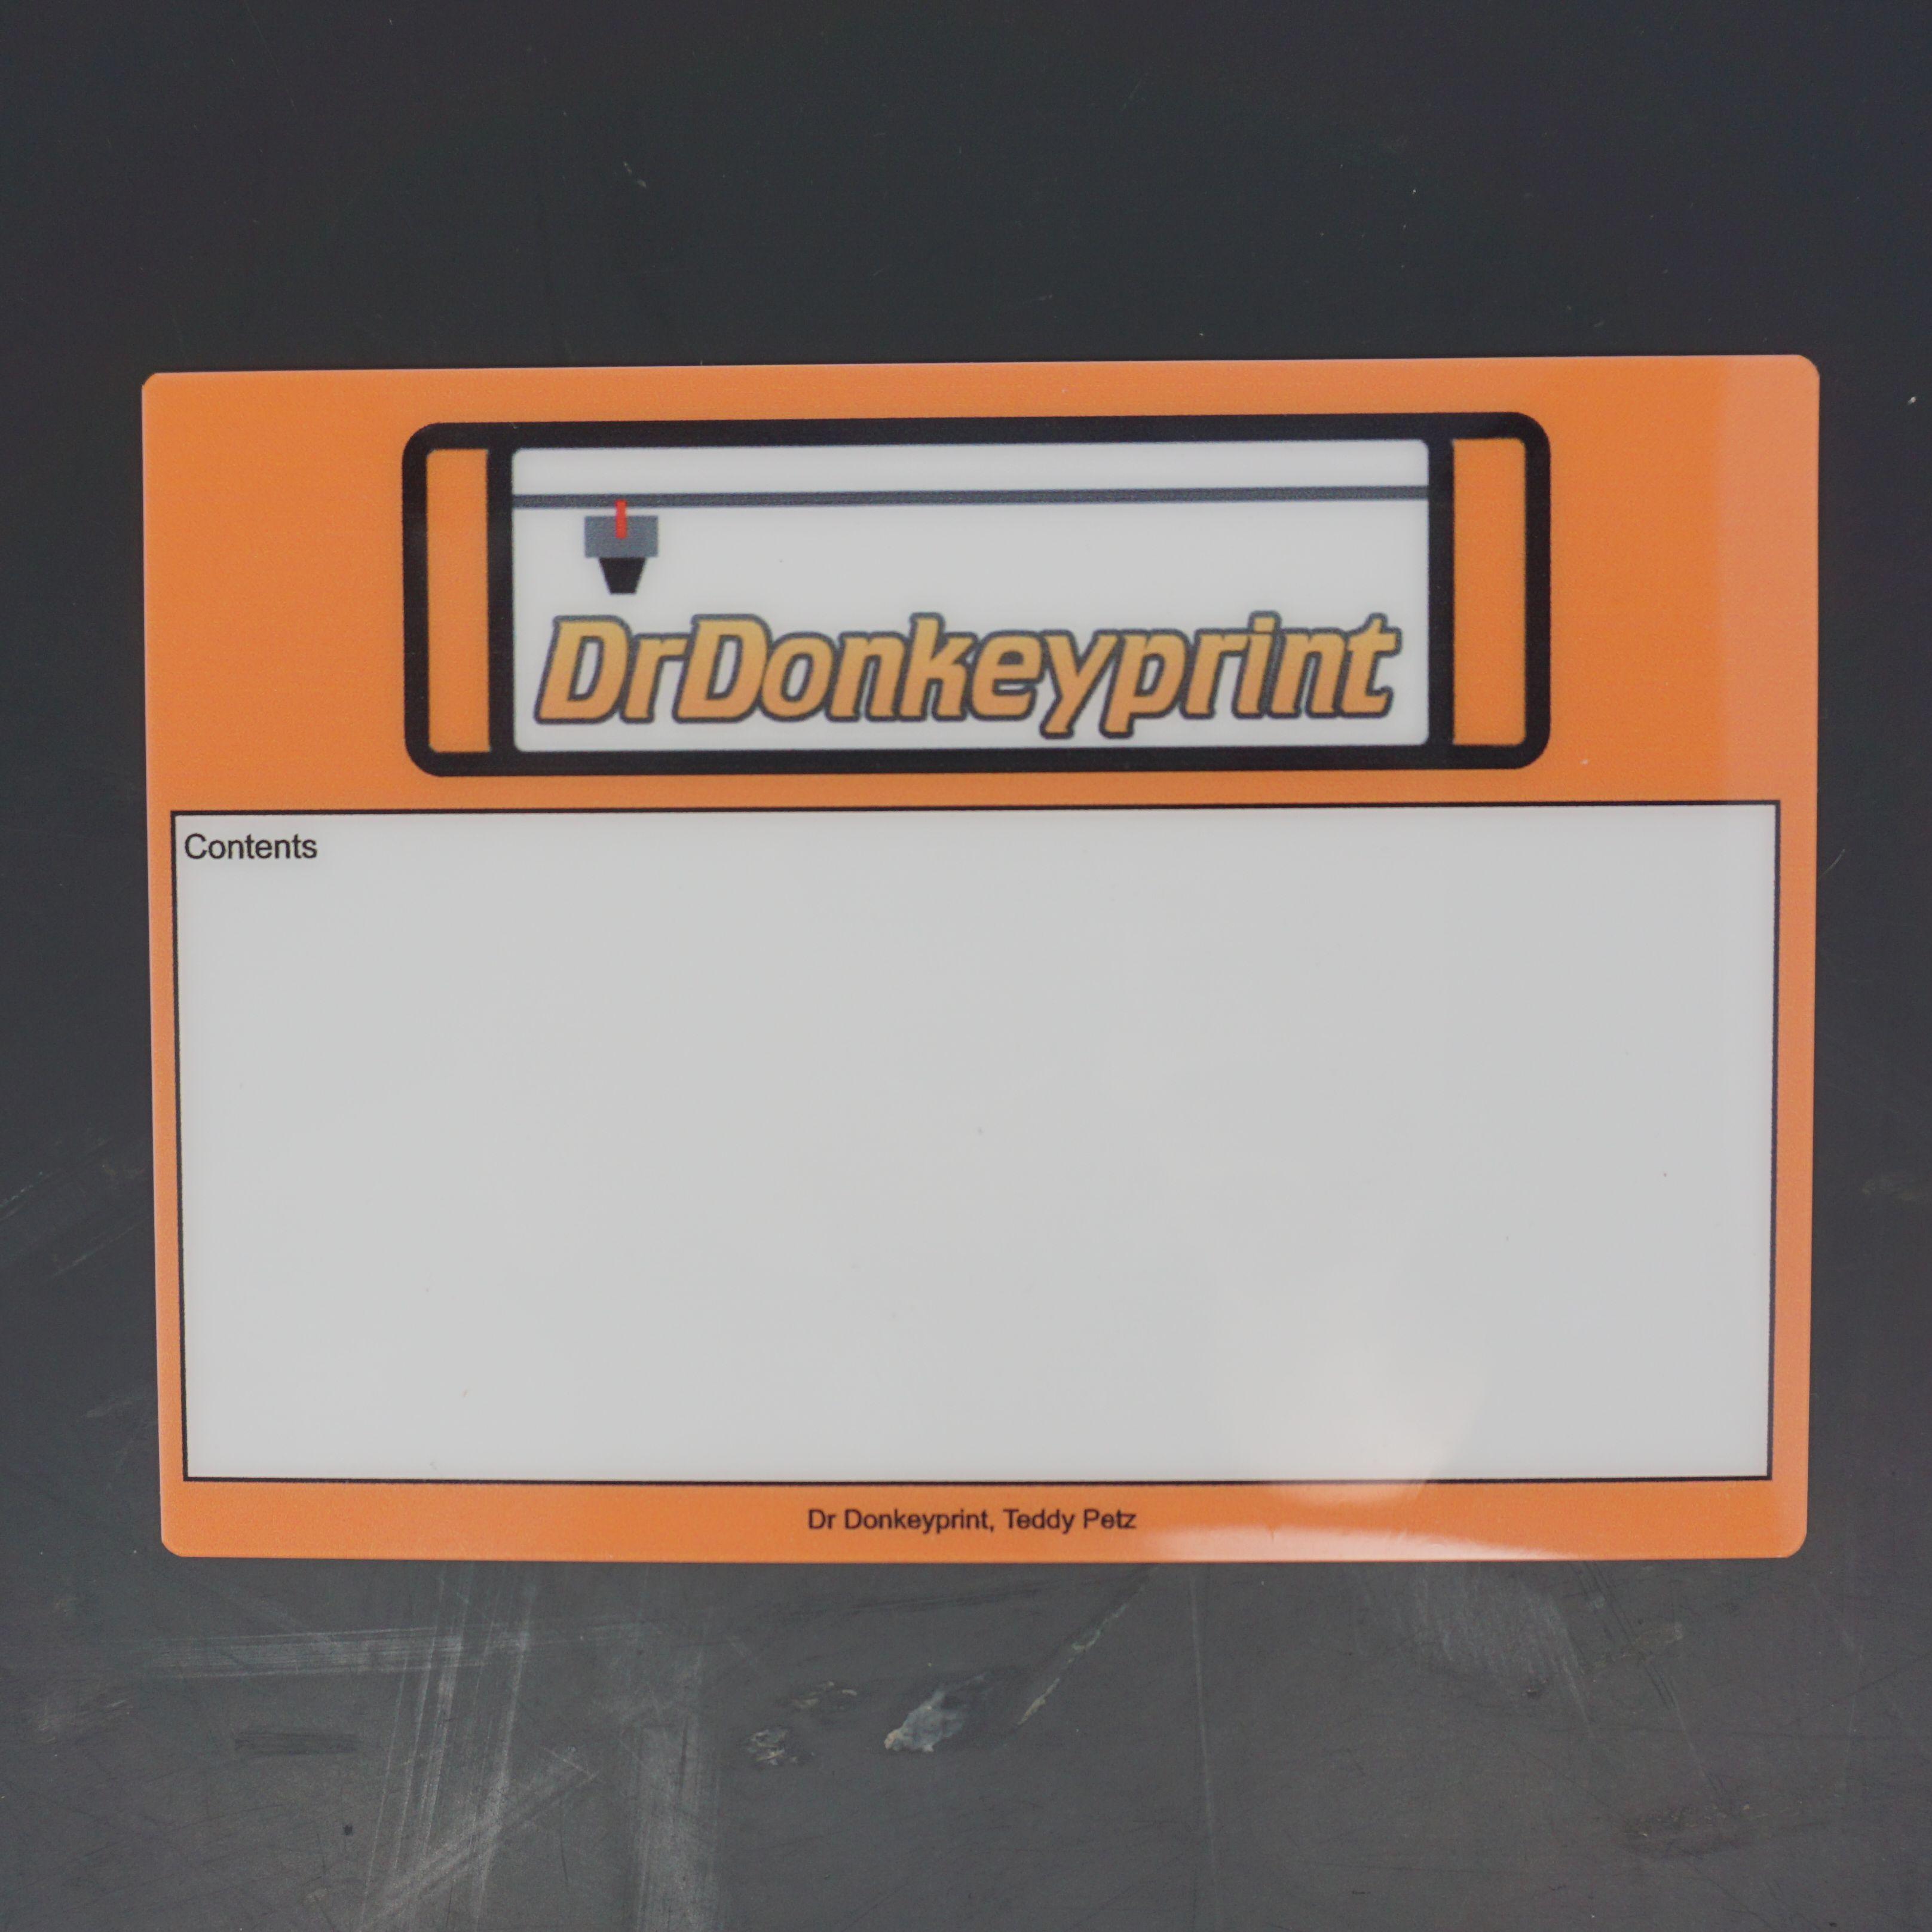 Flightcaselabels Caselabels DrDonkeyprint